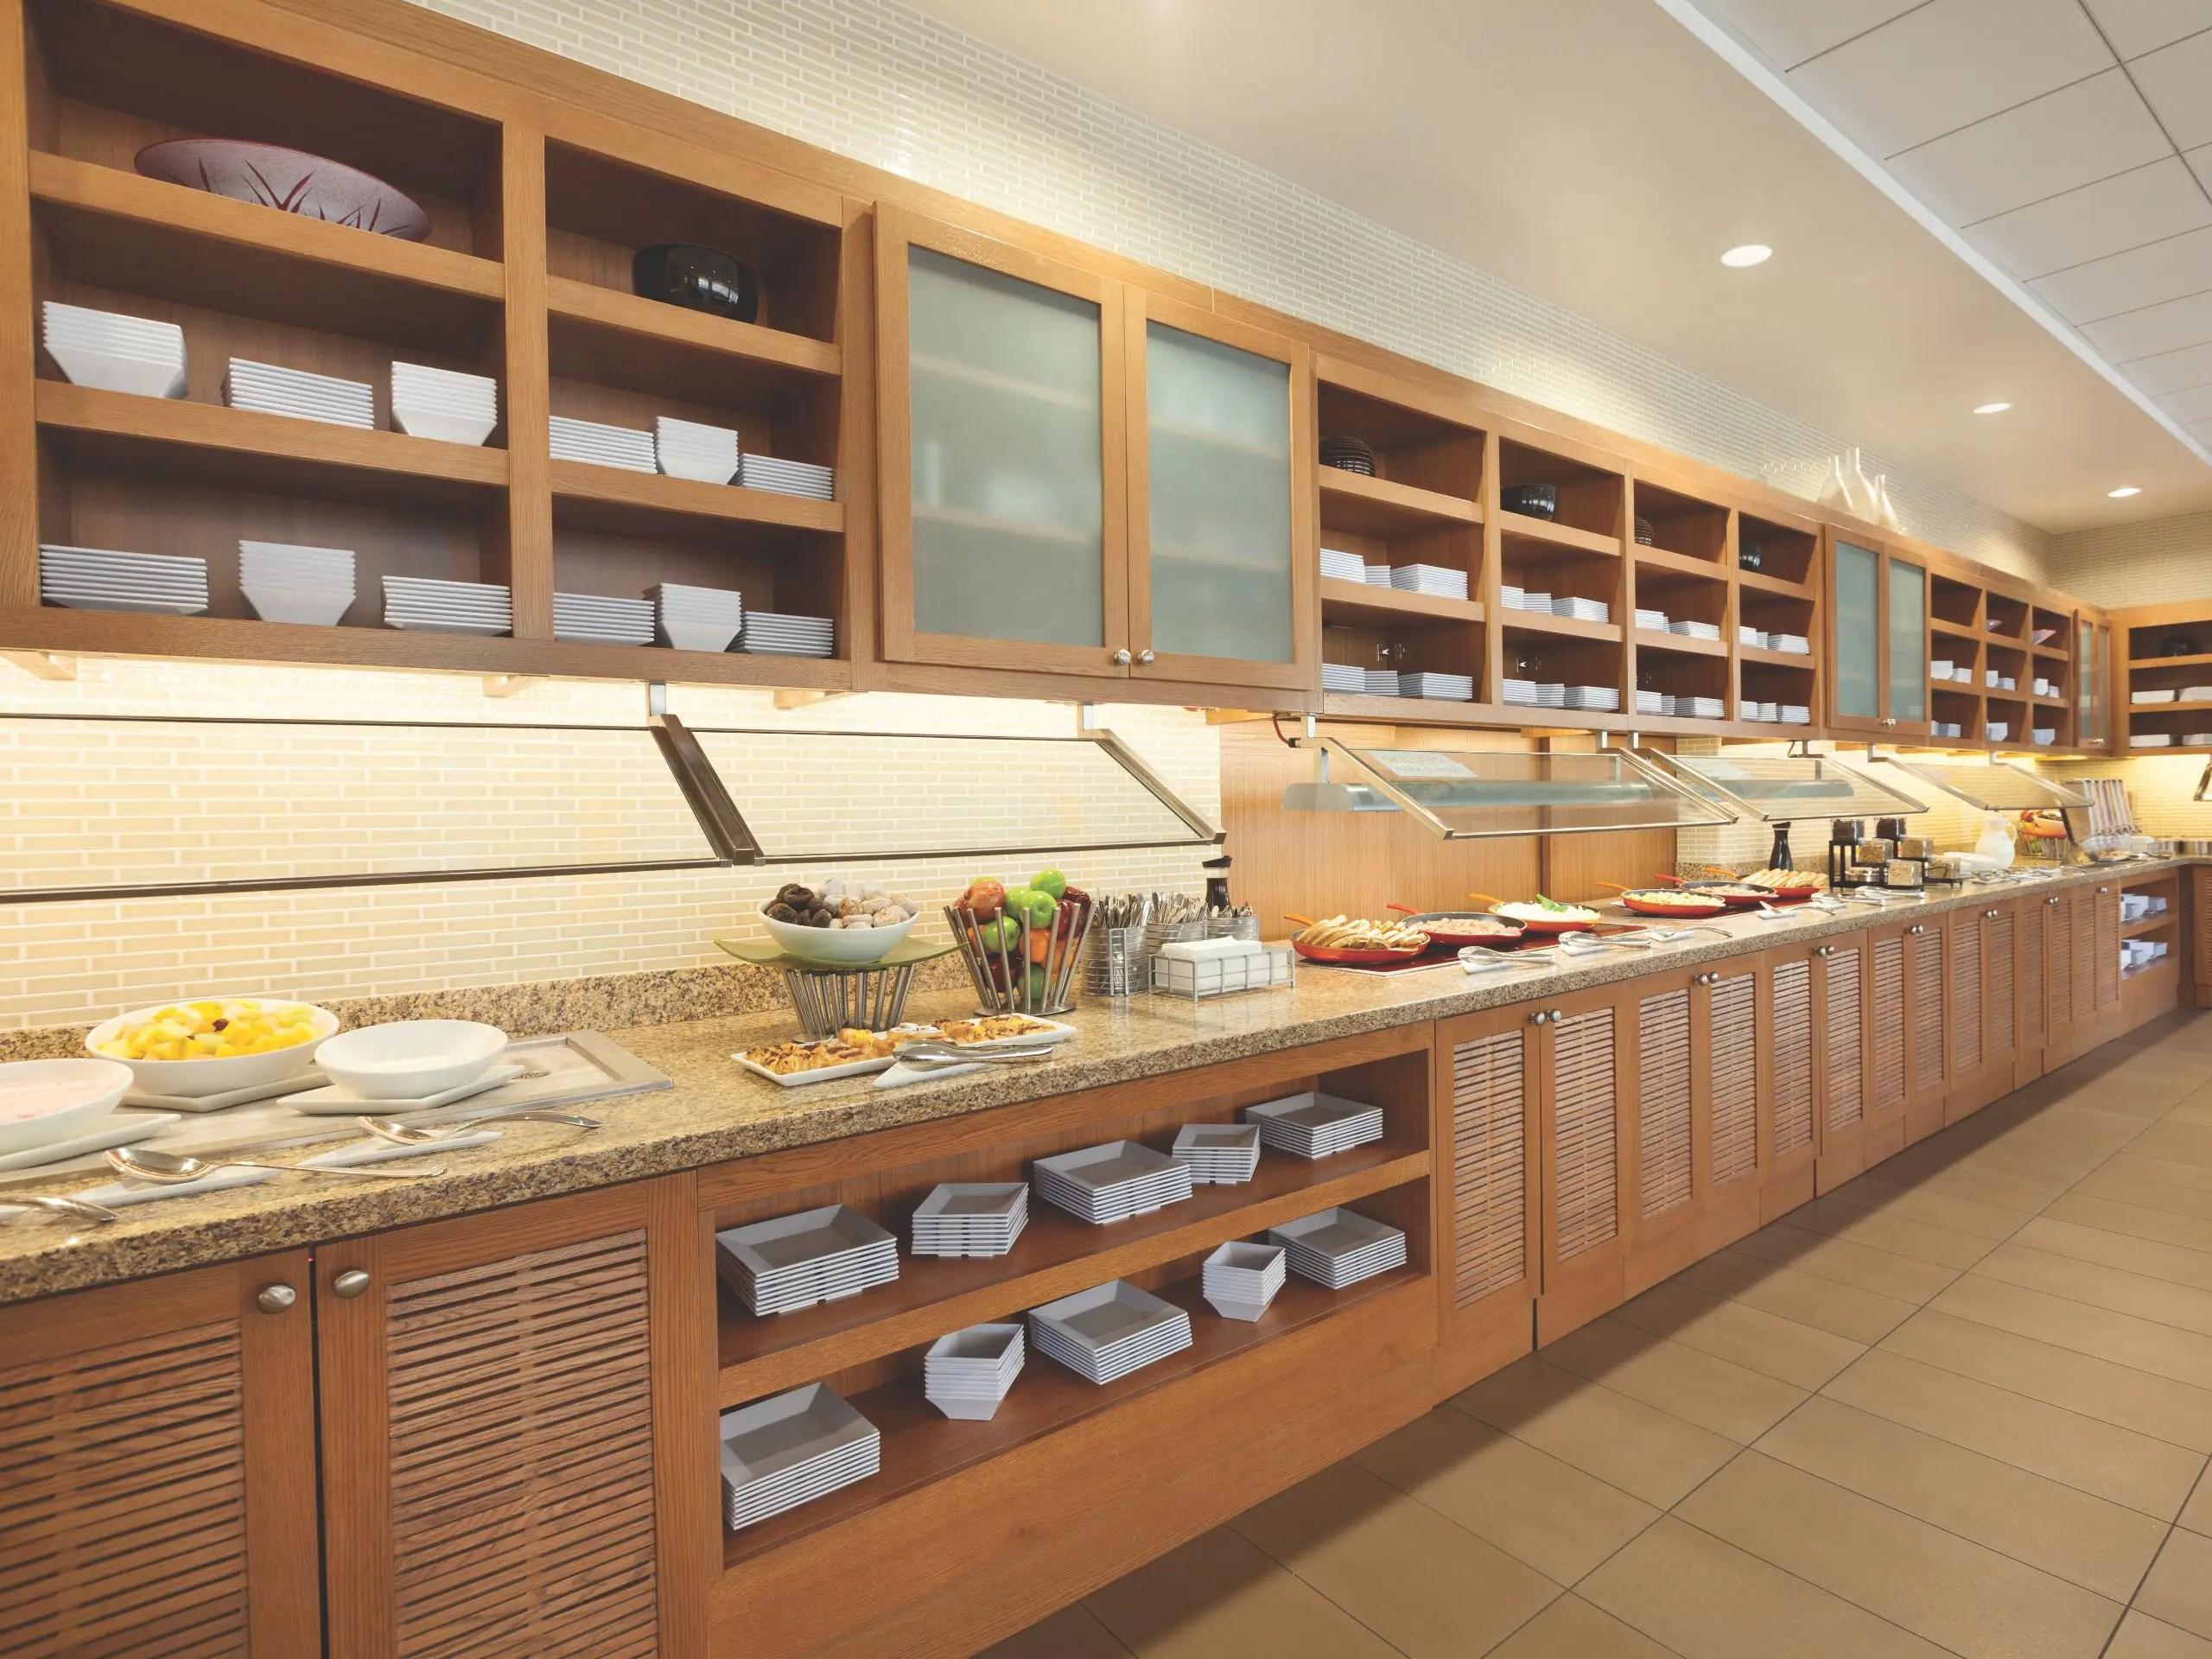 anaheim hotels with kitchen near disneyland ceramic sink cozy convention center hotel hyatt place at resort